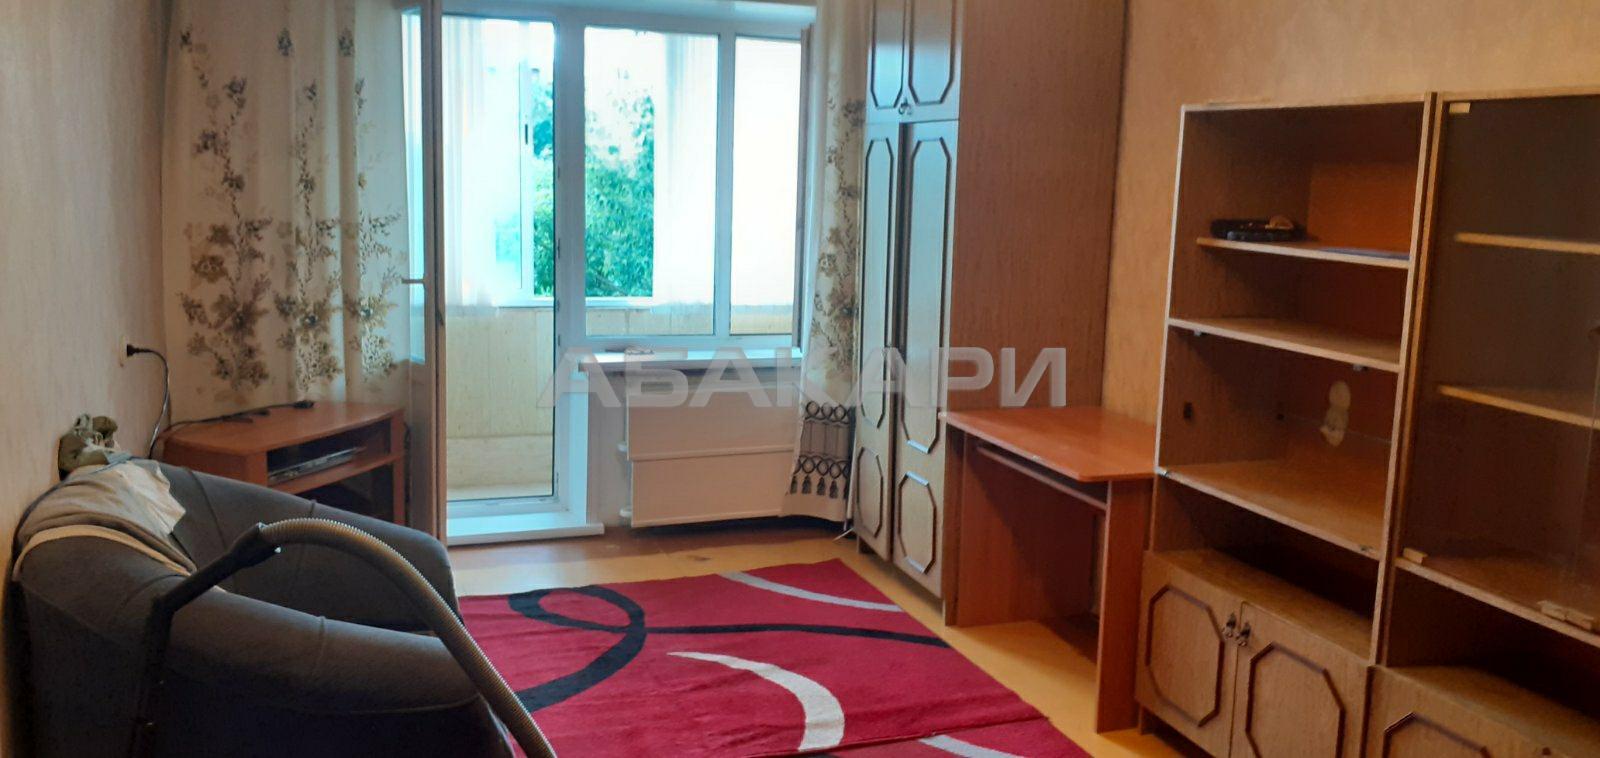 1к квартира улица 9-го Мая, 16 | 16000 | аренда в Красноярске фото 0